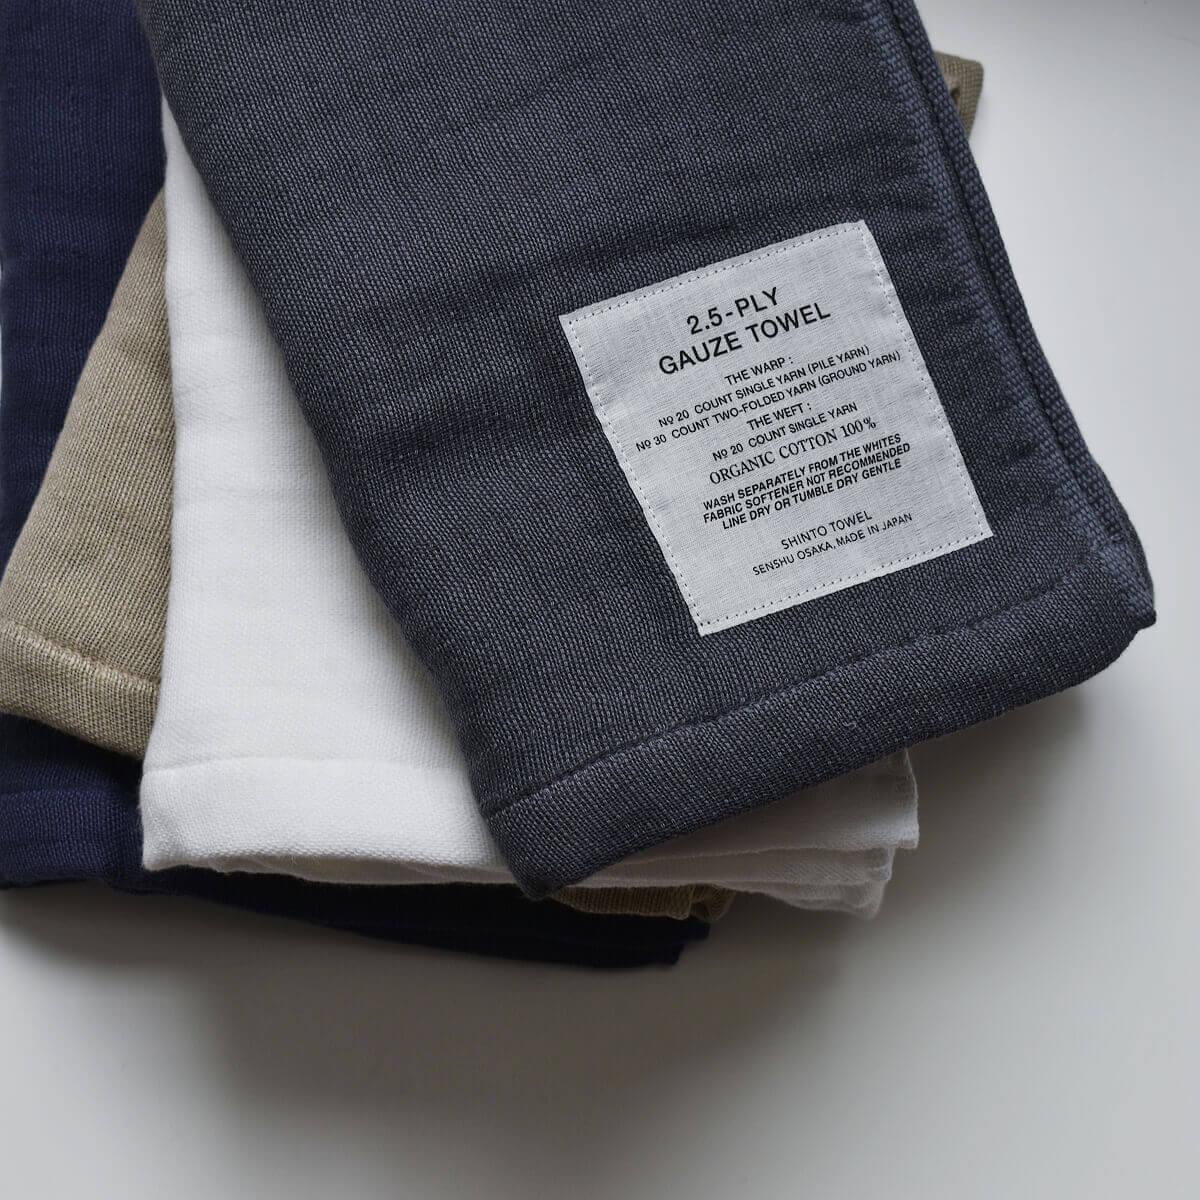 2.5-PLY GAUZE TOWEL